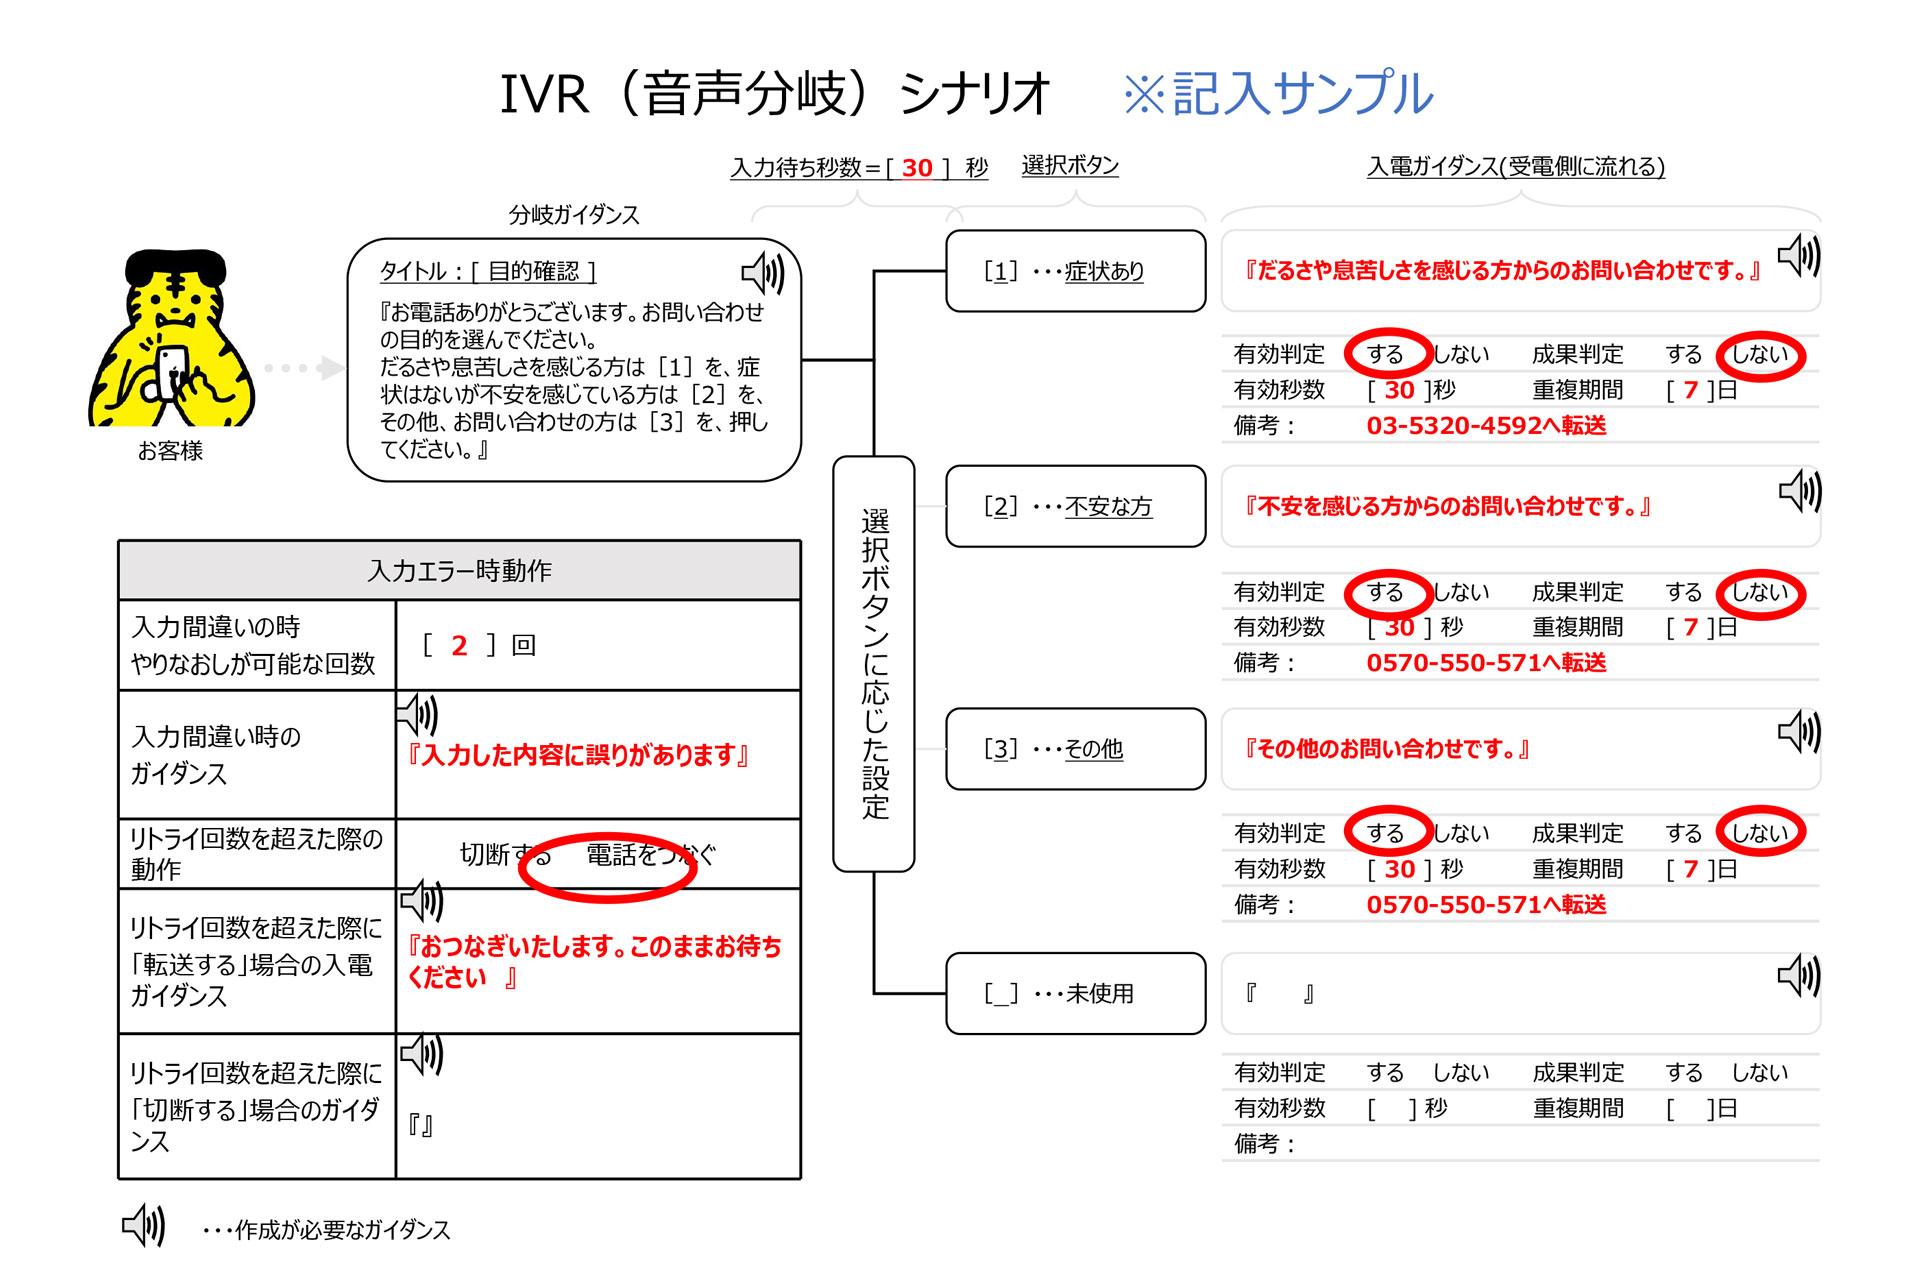 IVR記入例